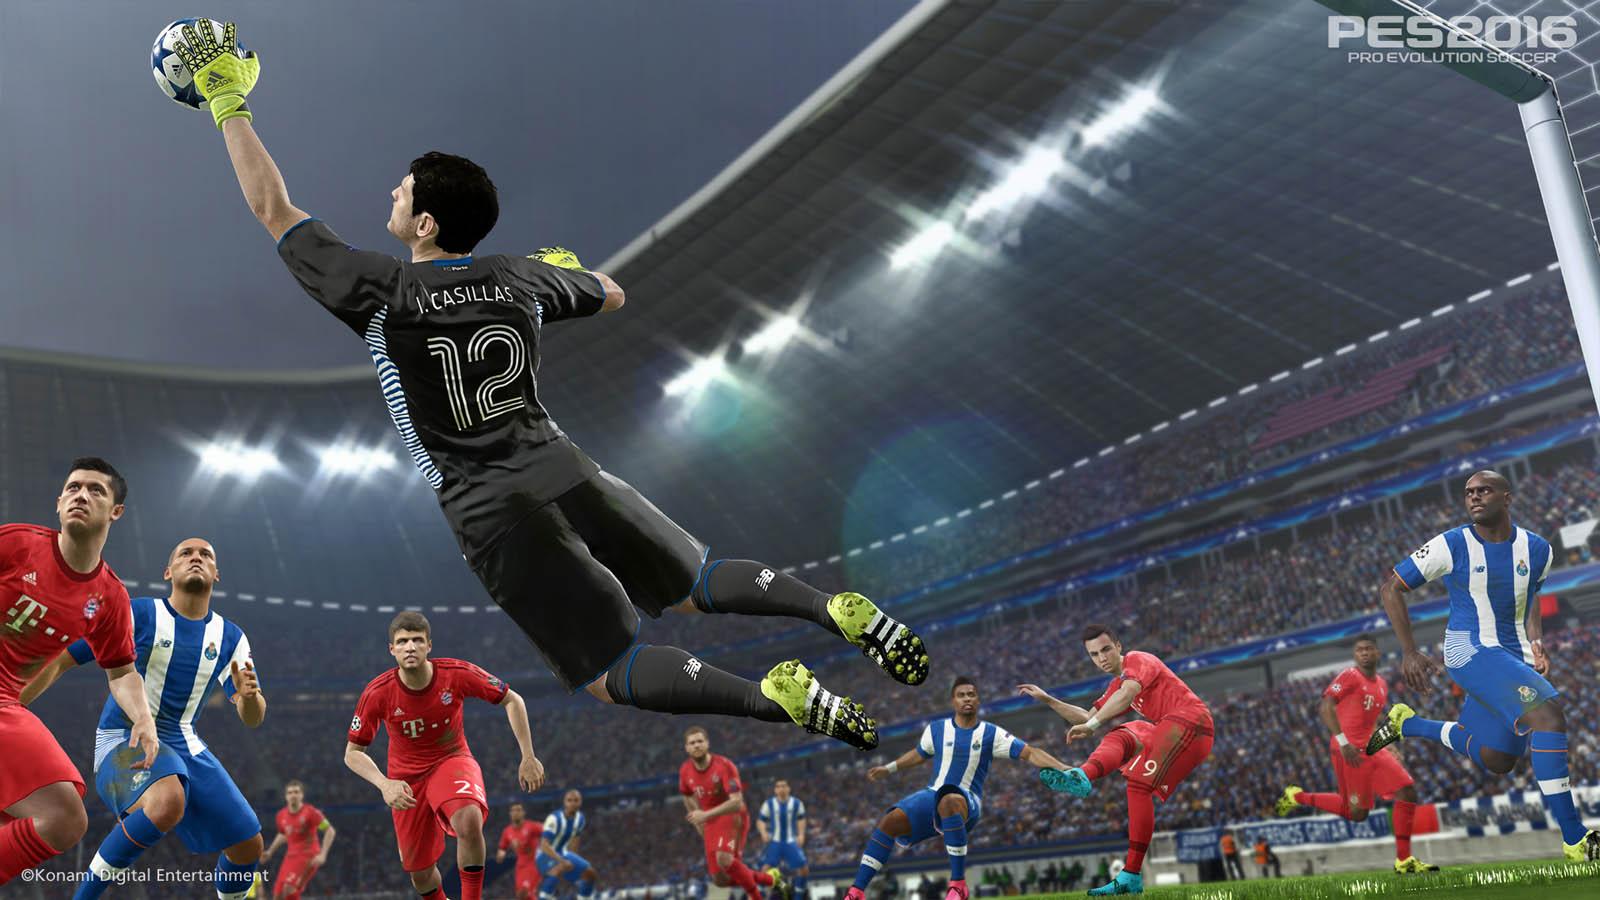 Die Spieler sehen den Vorbildern zum Verwechseln ähnlich.